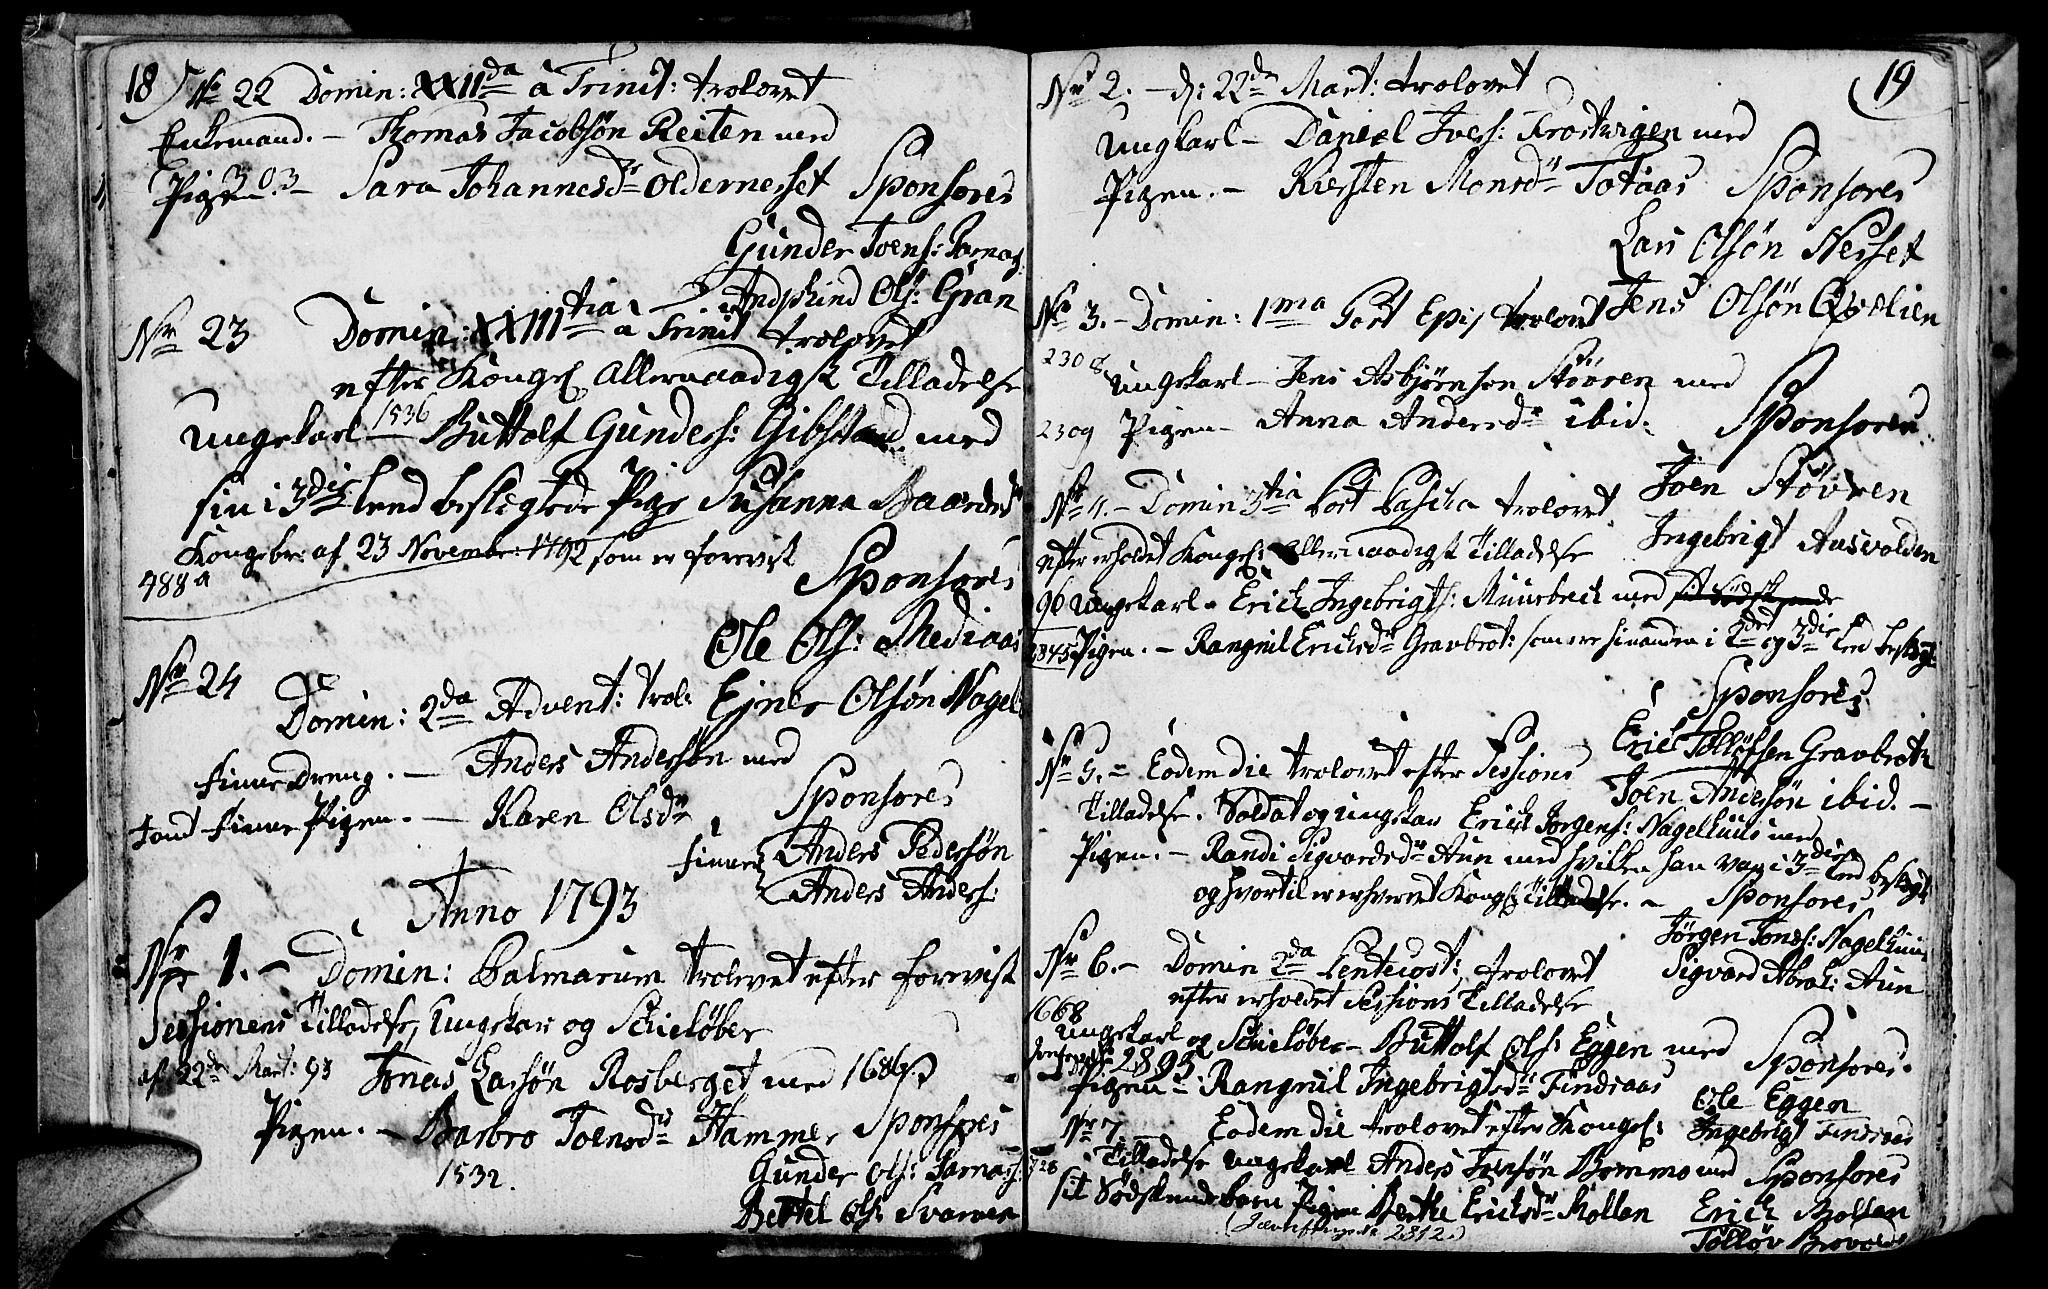 SAT, Ministerialprotokoller, klokkerbøker og fødselsregistre - Nord-Trøndelag, 749/L0468: Ministerialbok nr. 749A02, 1787-1817, s. 18-19